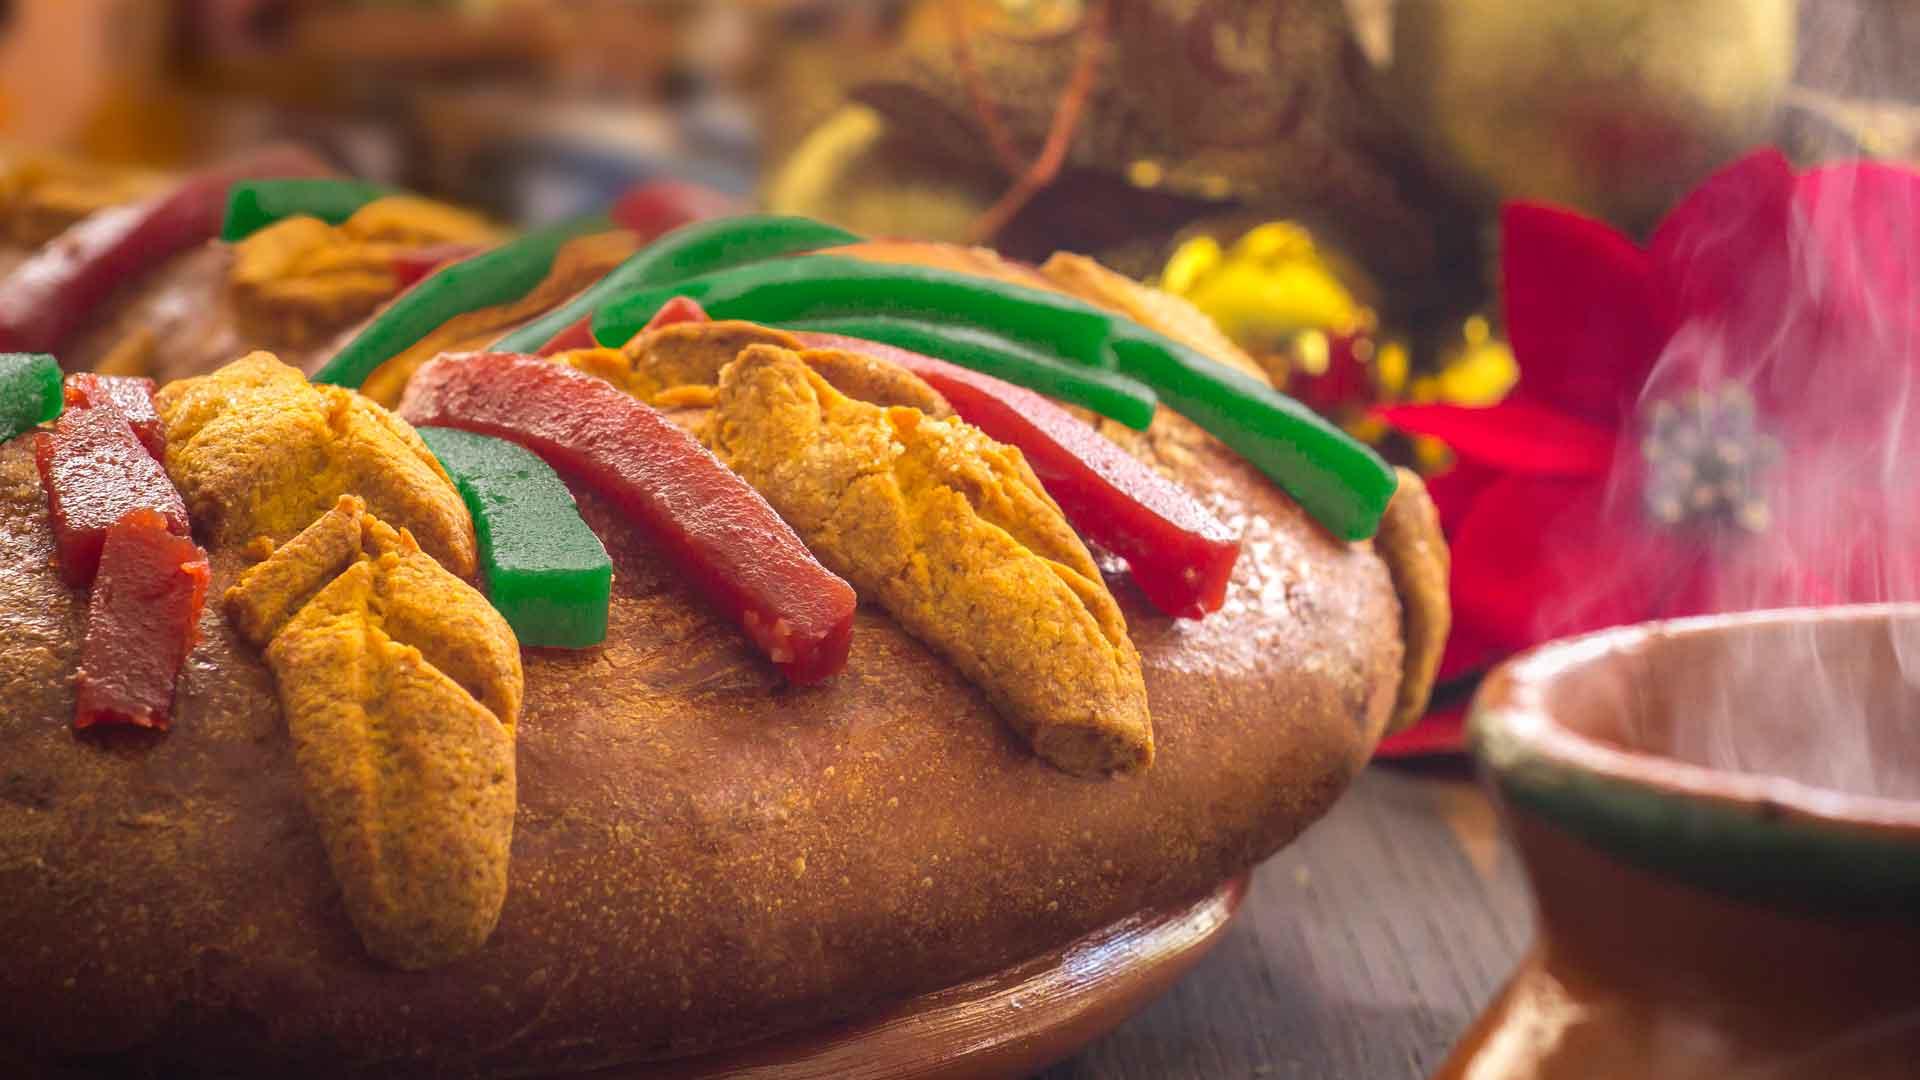 6 Roscas de Reyes imperdibles en Ciudad de México